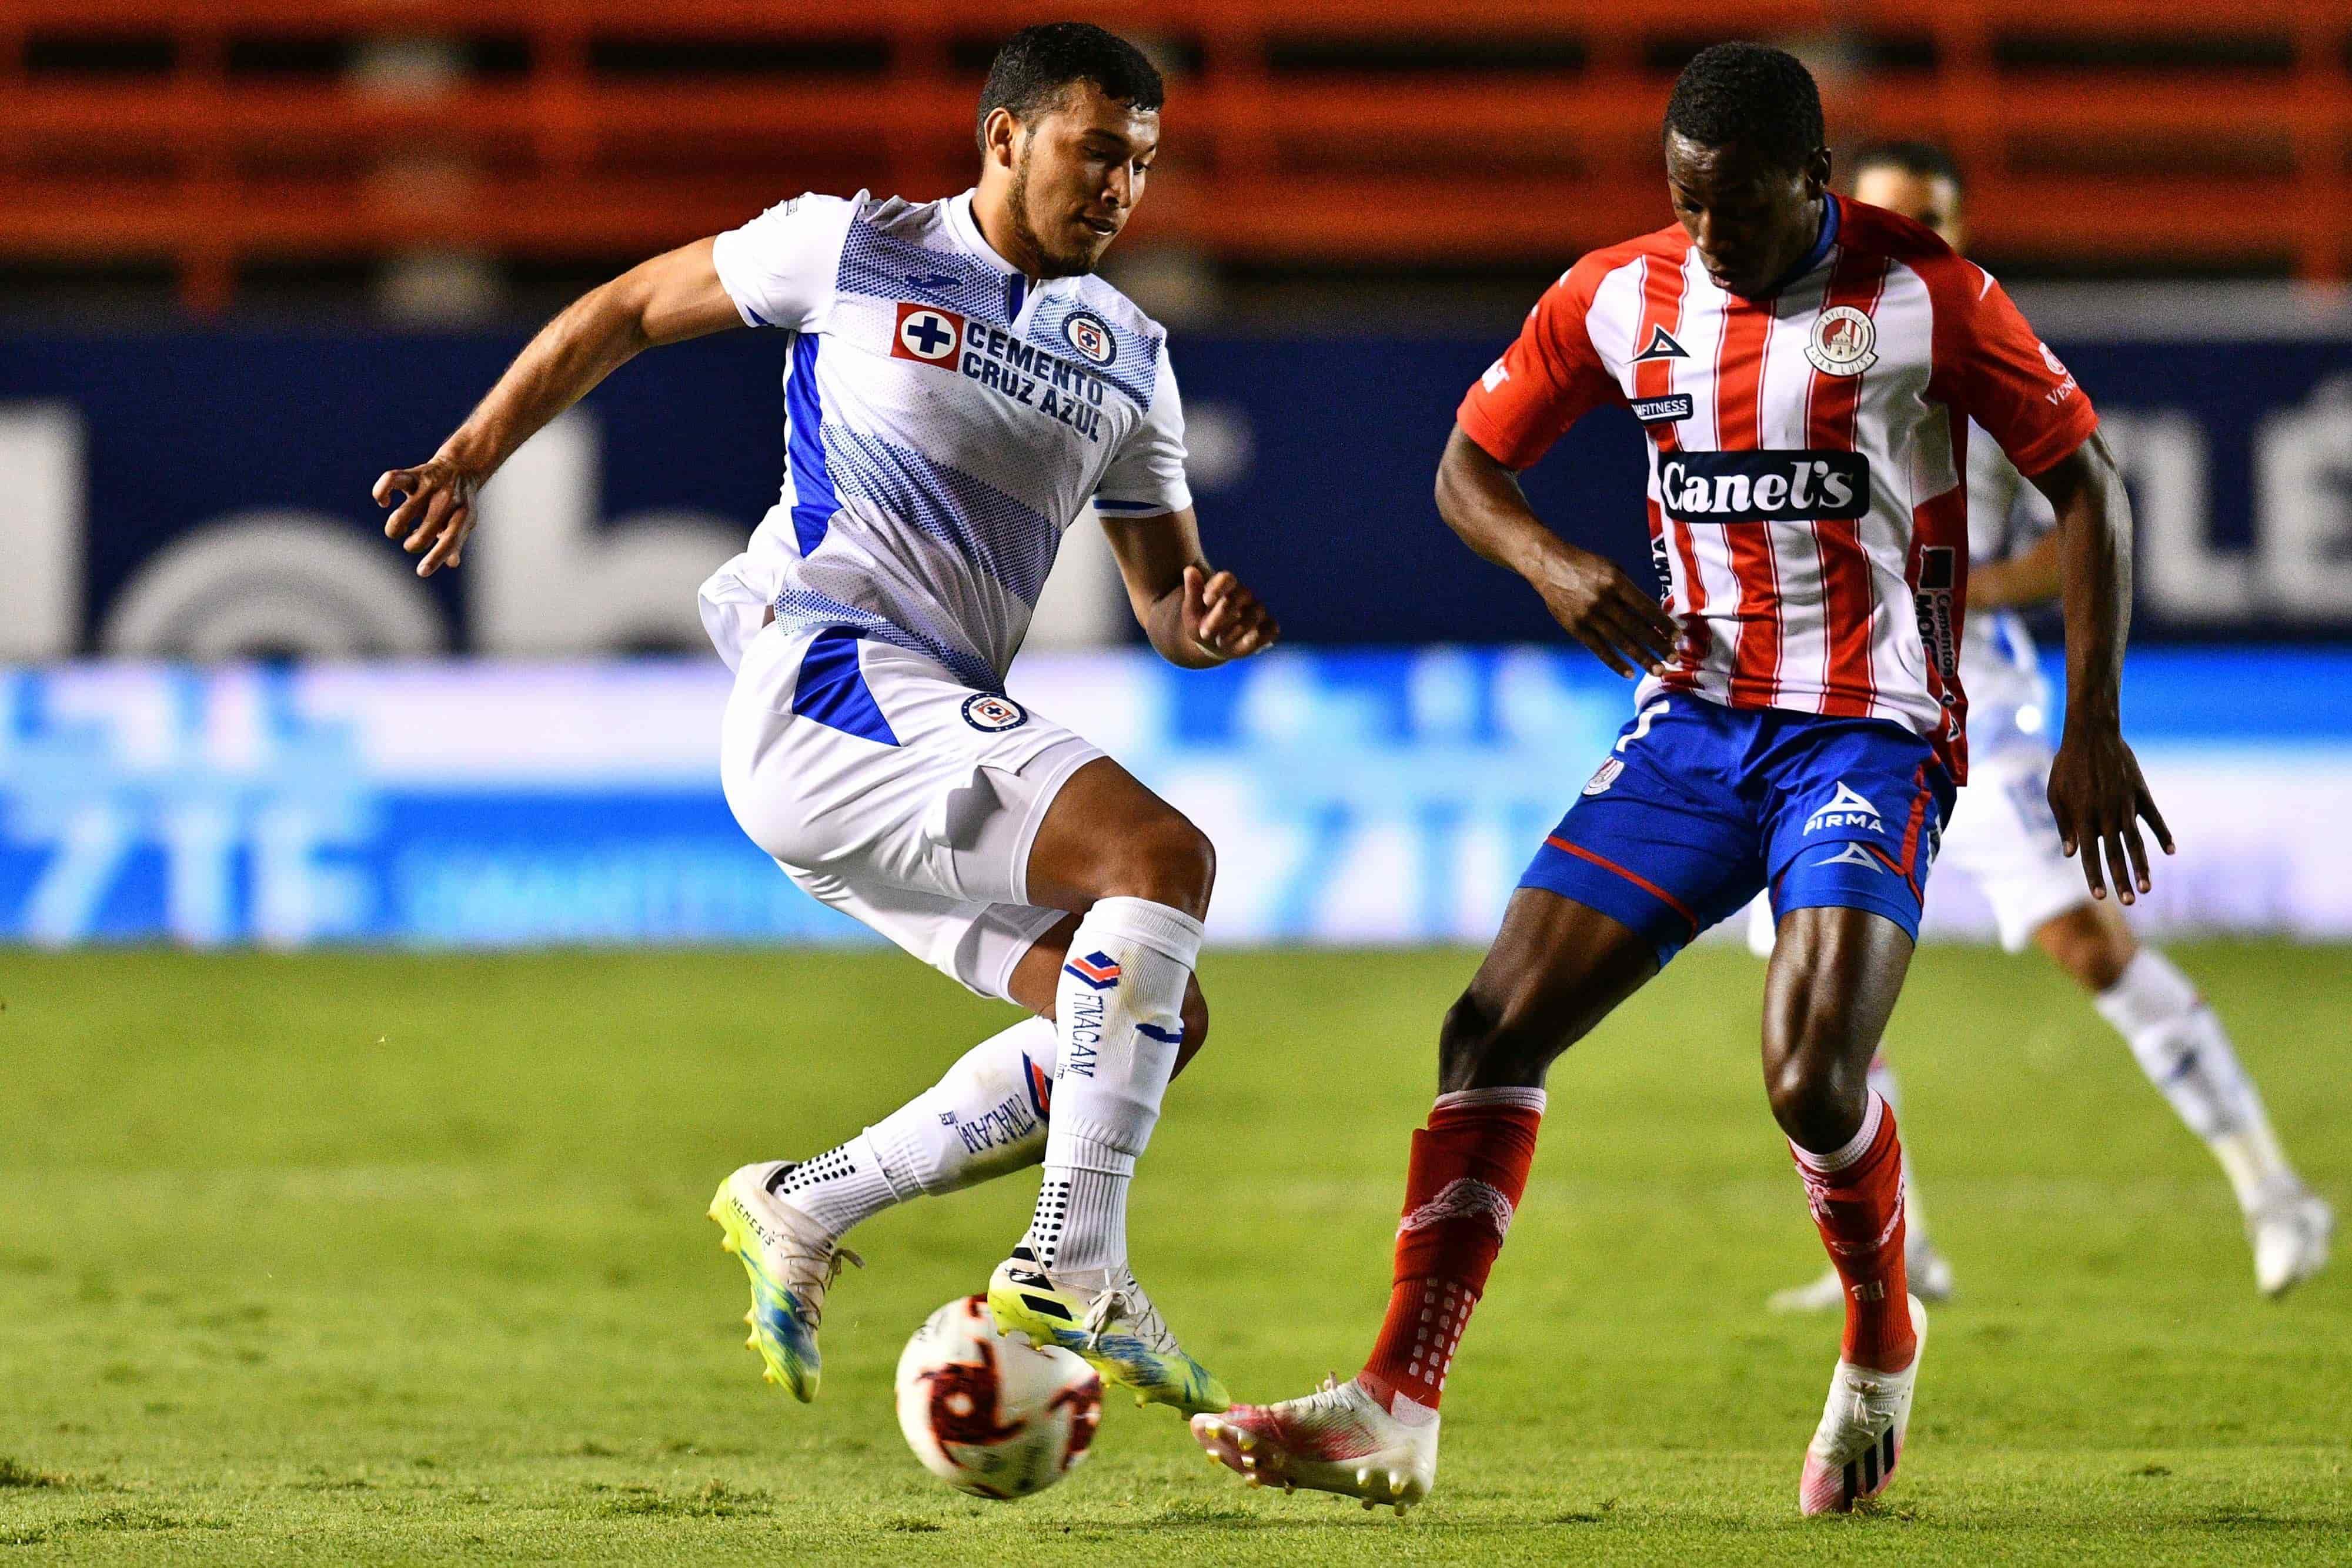 San Luis 1-3 Cruz Azul